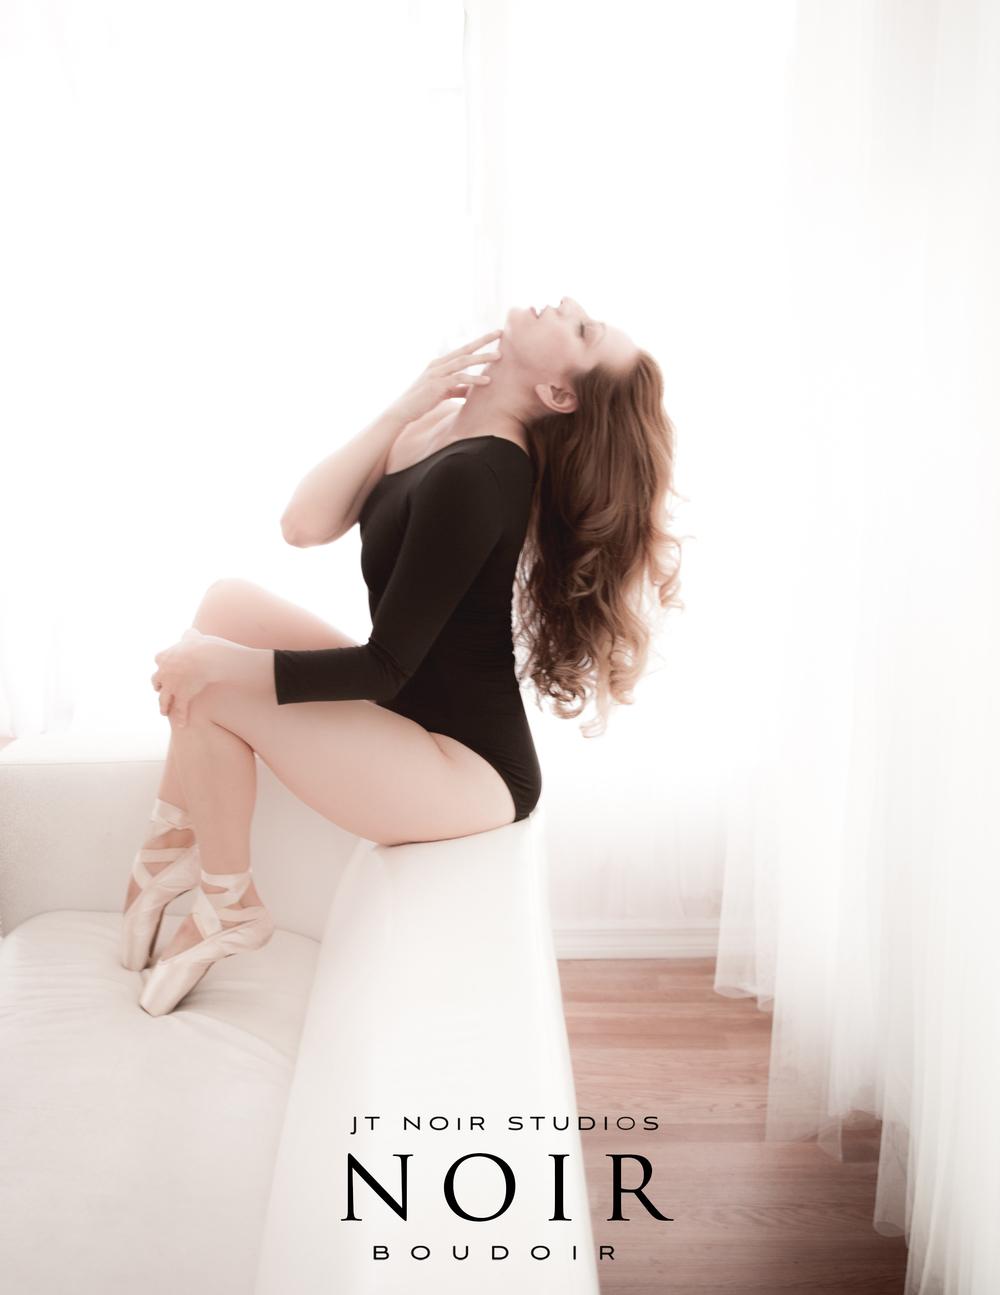 JTNoir_Boudoir_Ballerina_2015-6 copy.jpg